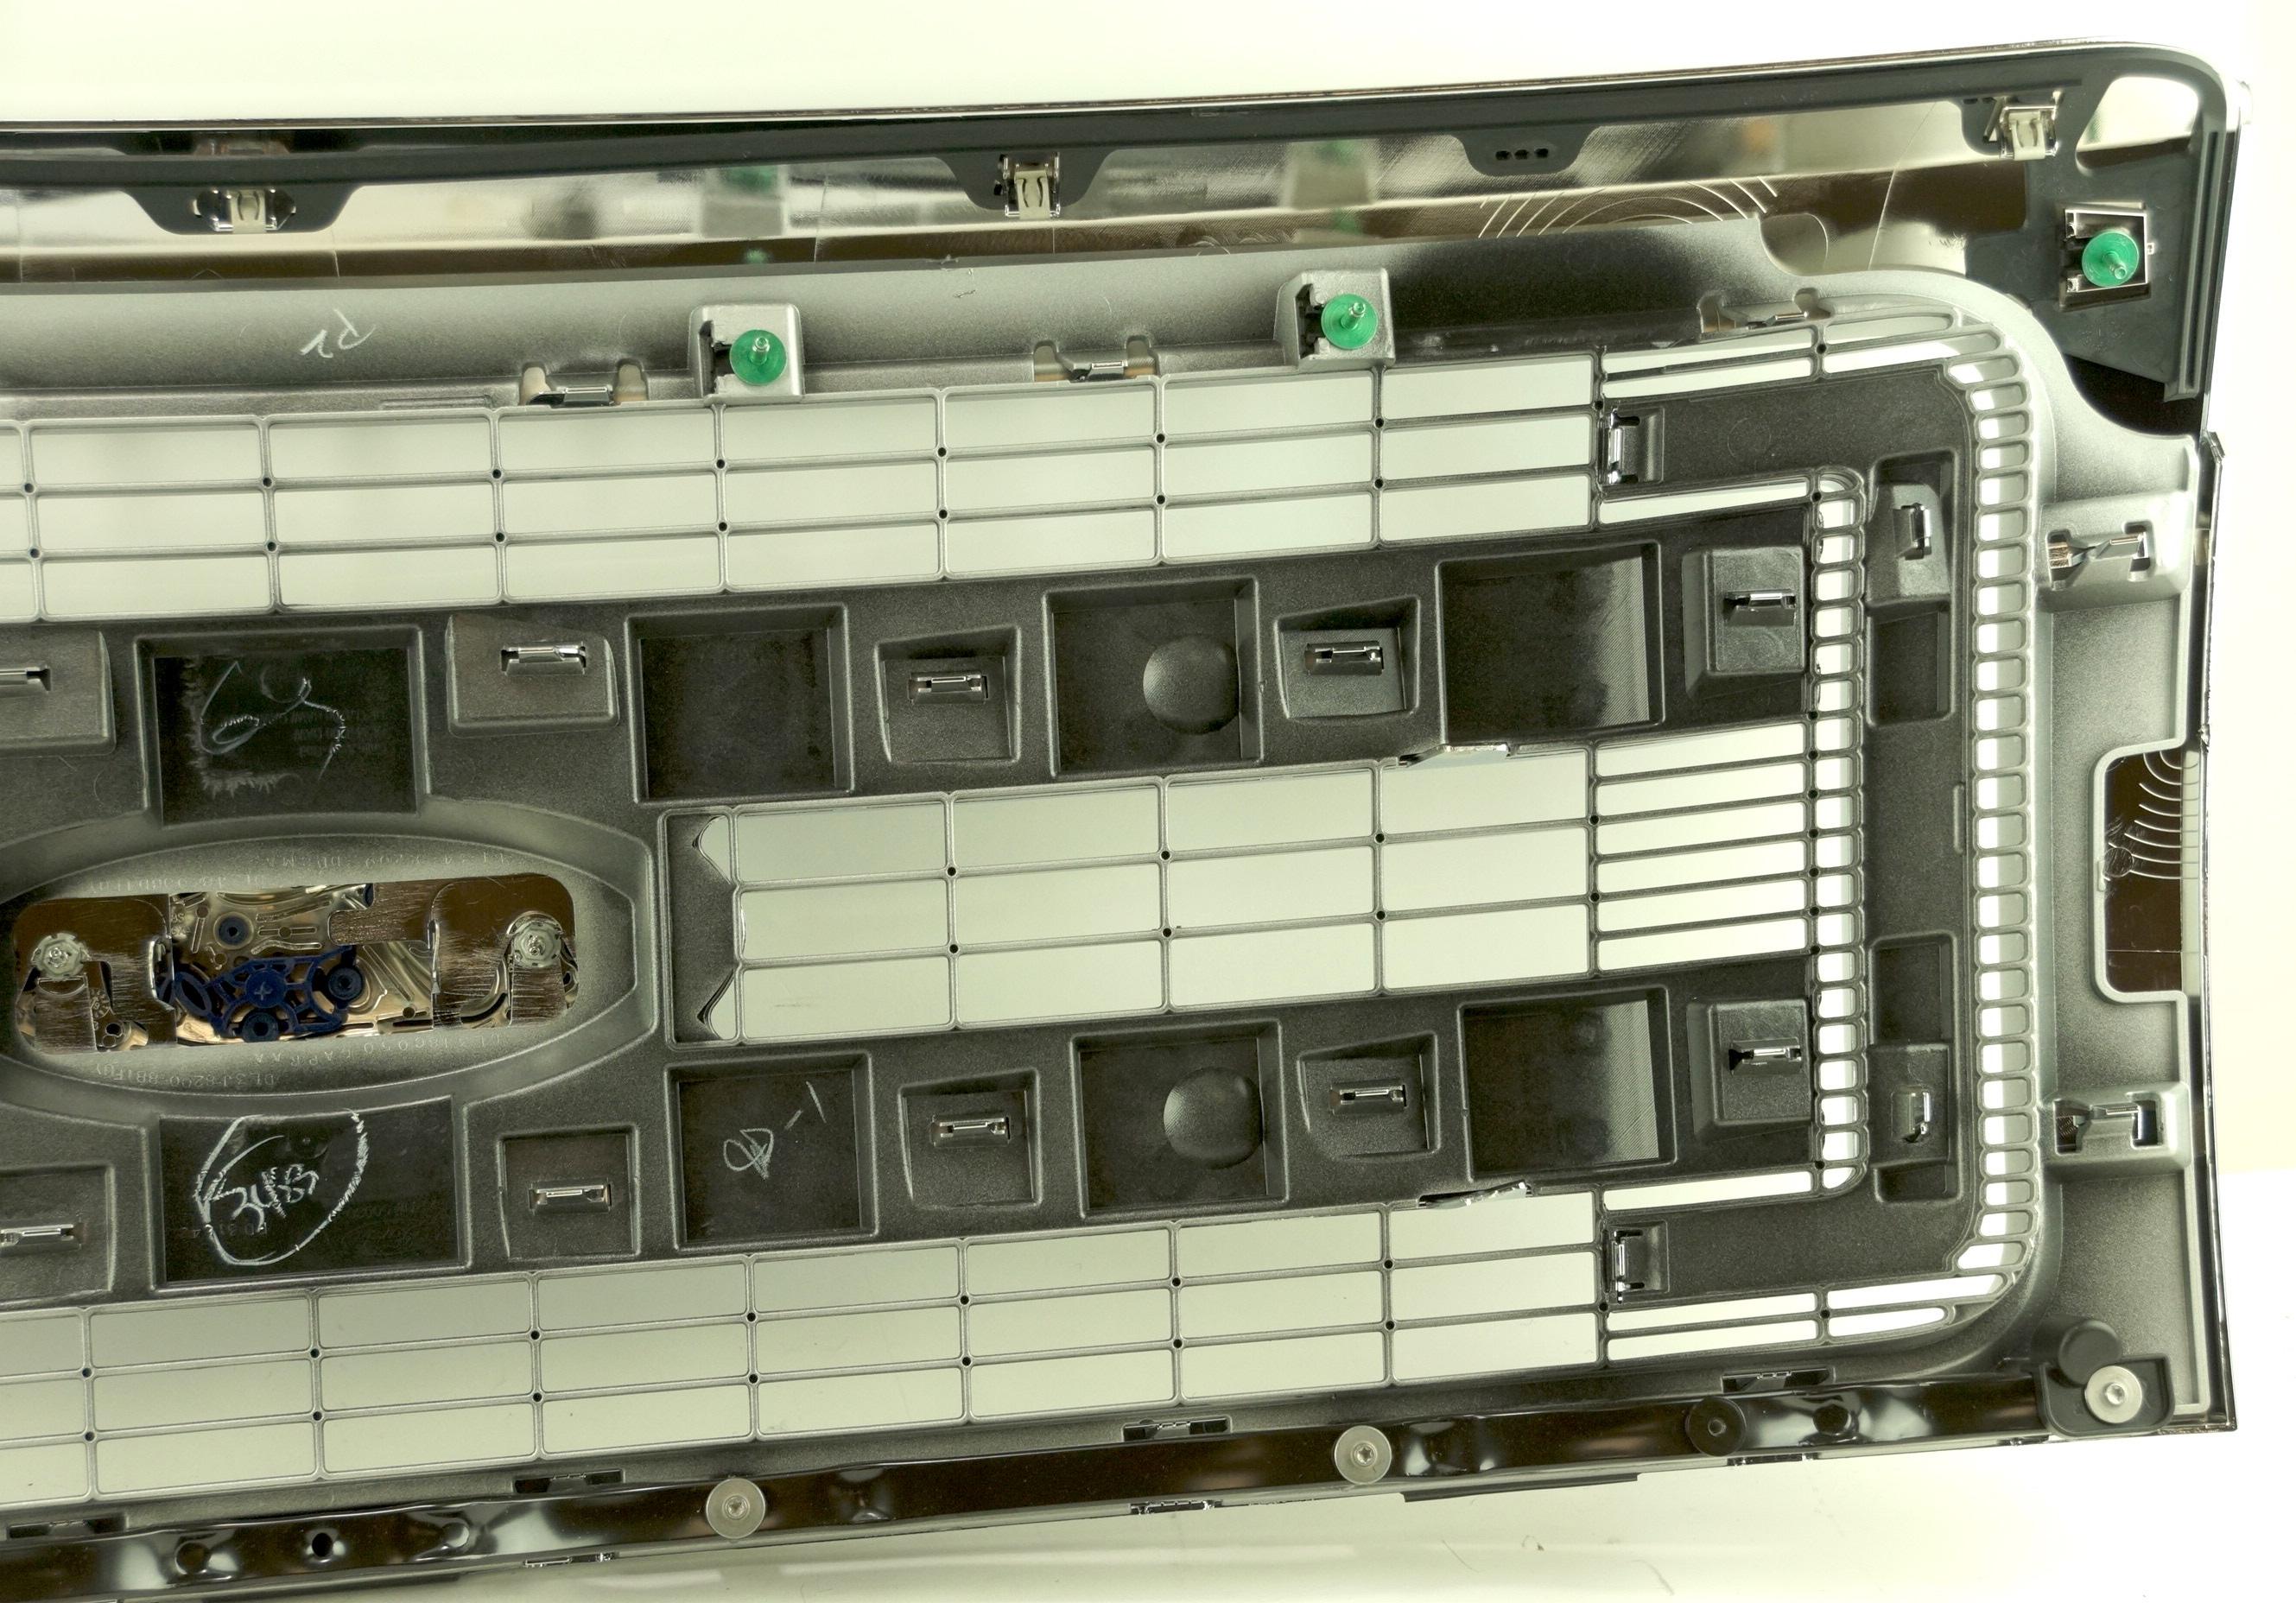 New Genuine OEM DL3Z8200BA Ford Front Grille Assembly w/ Emblem 09-14 F-150 XLT - image 10